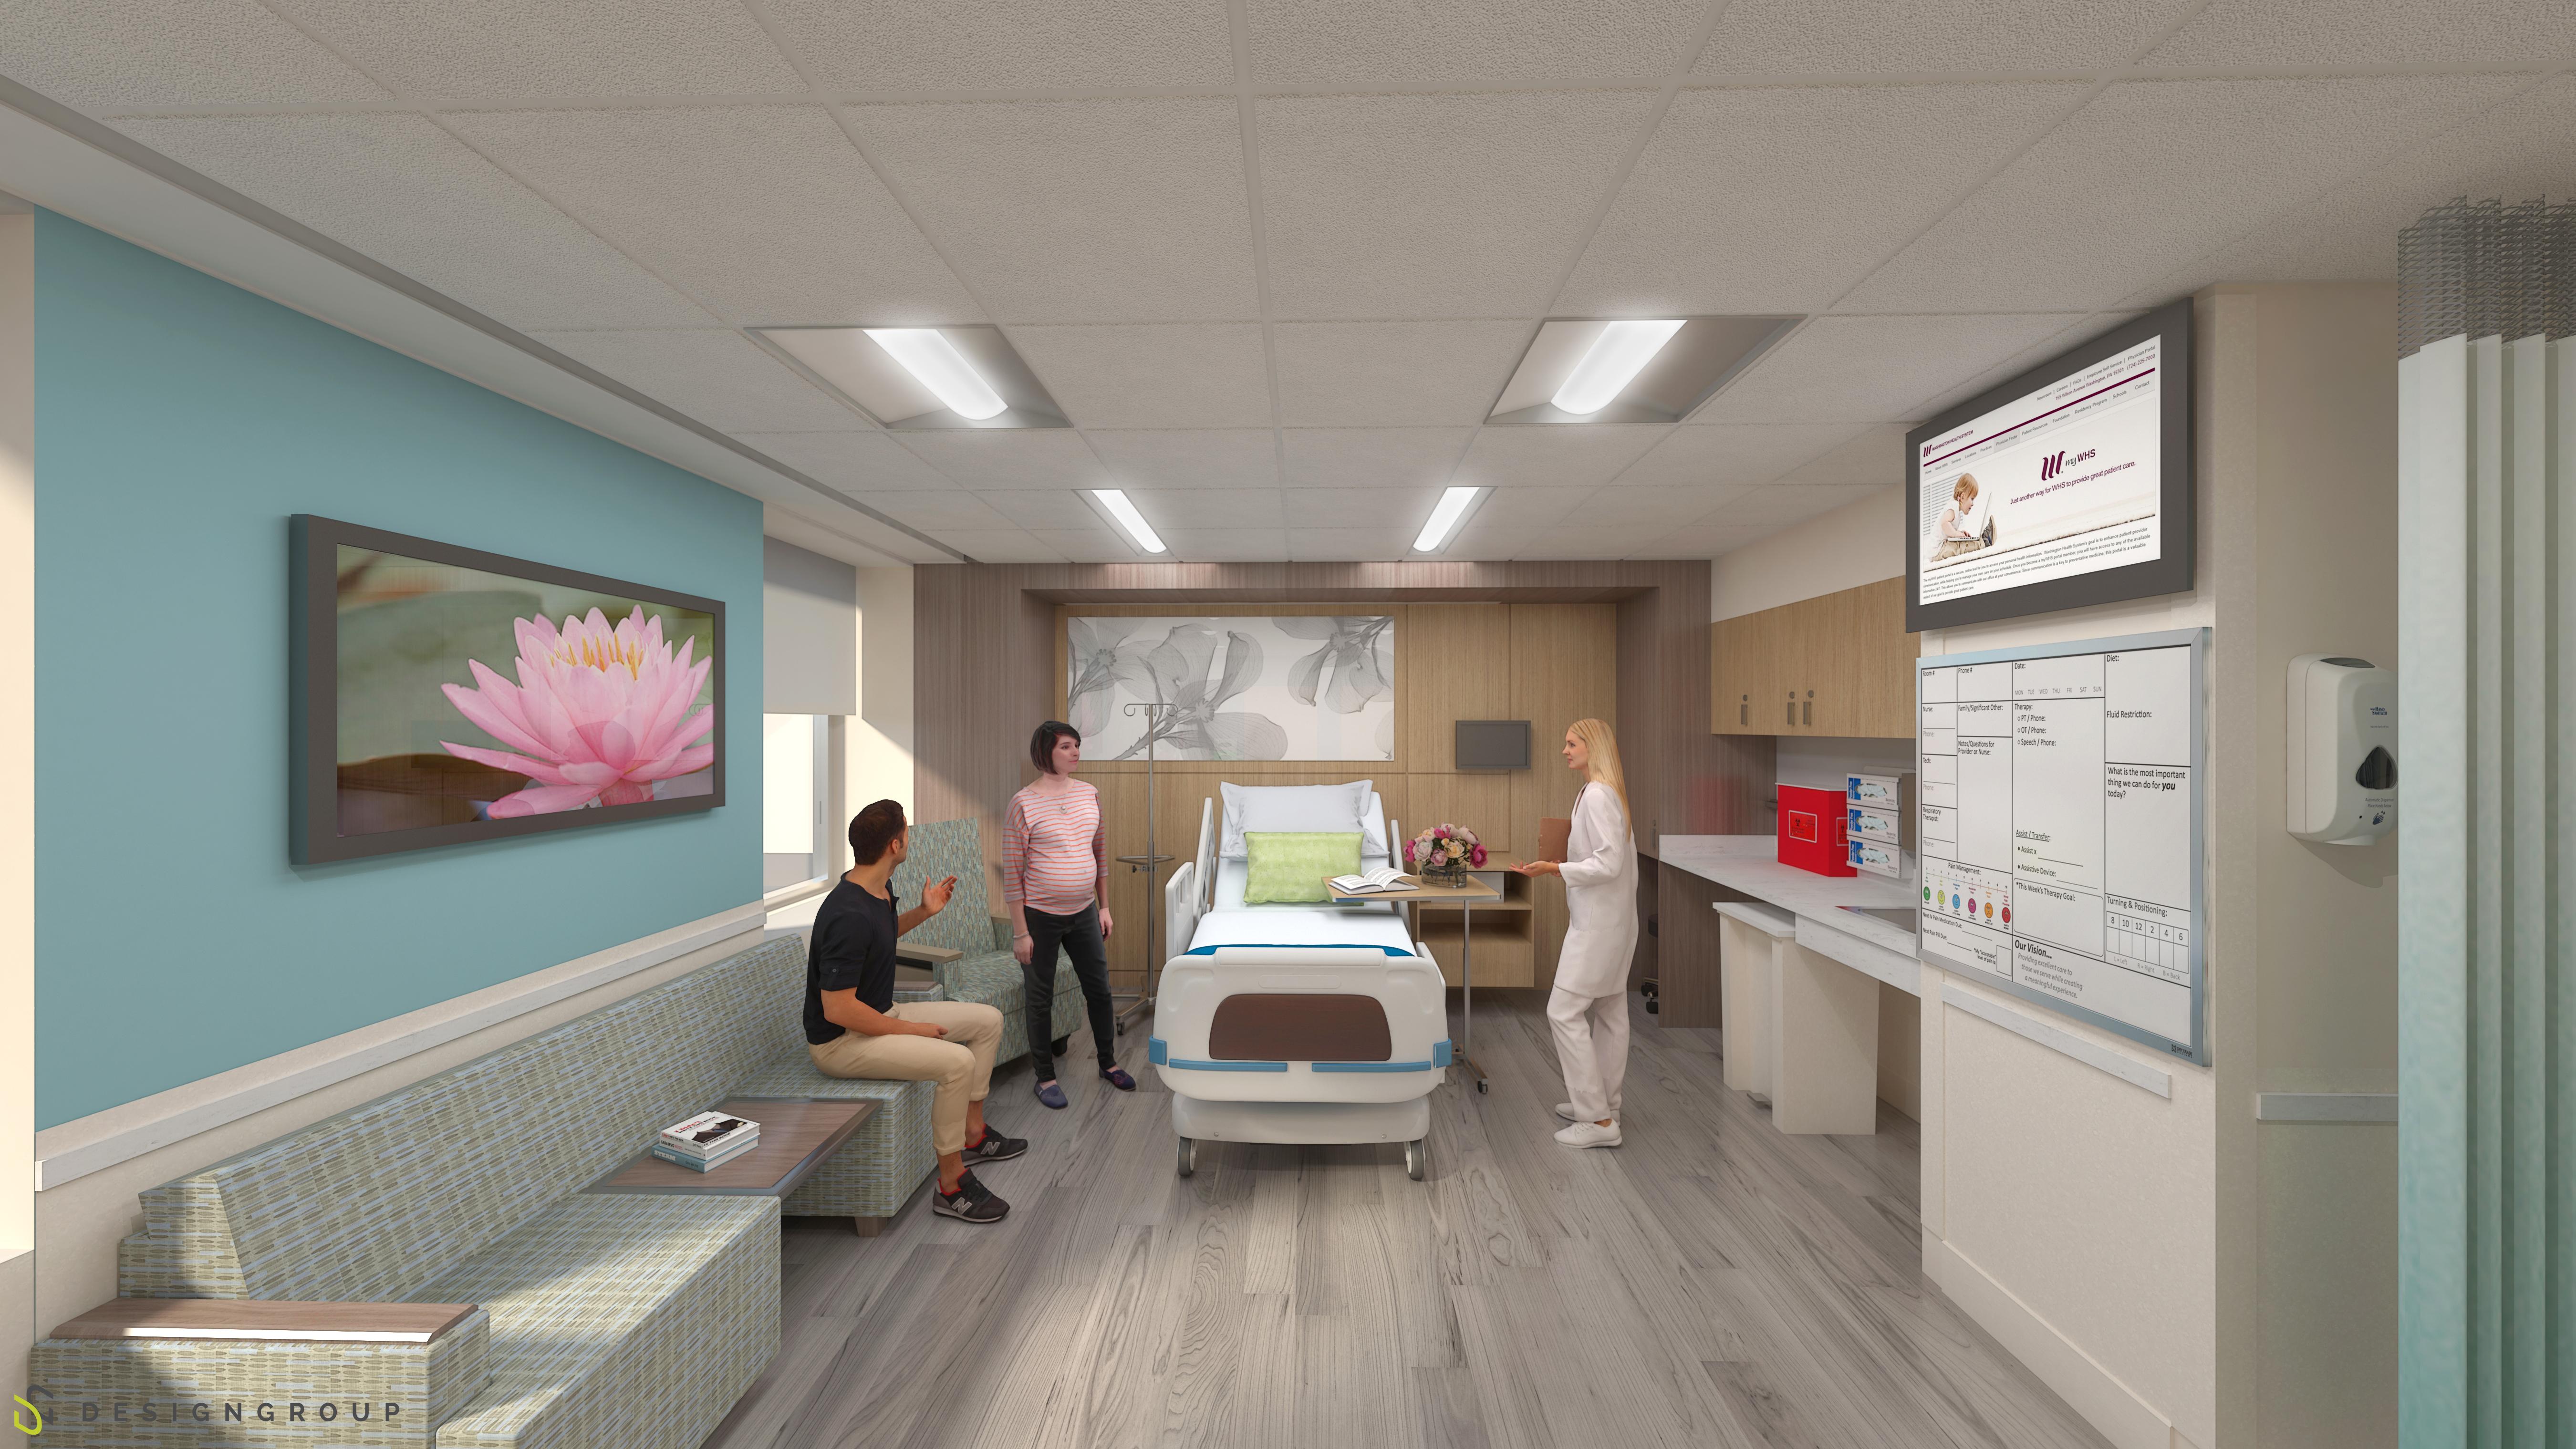 Rendering of the Patient Room